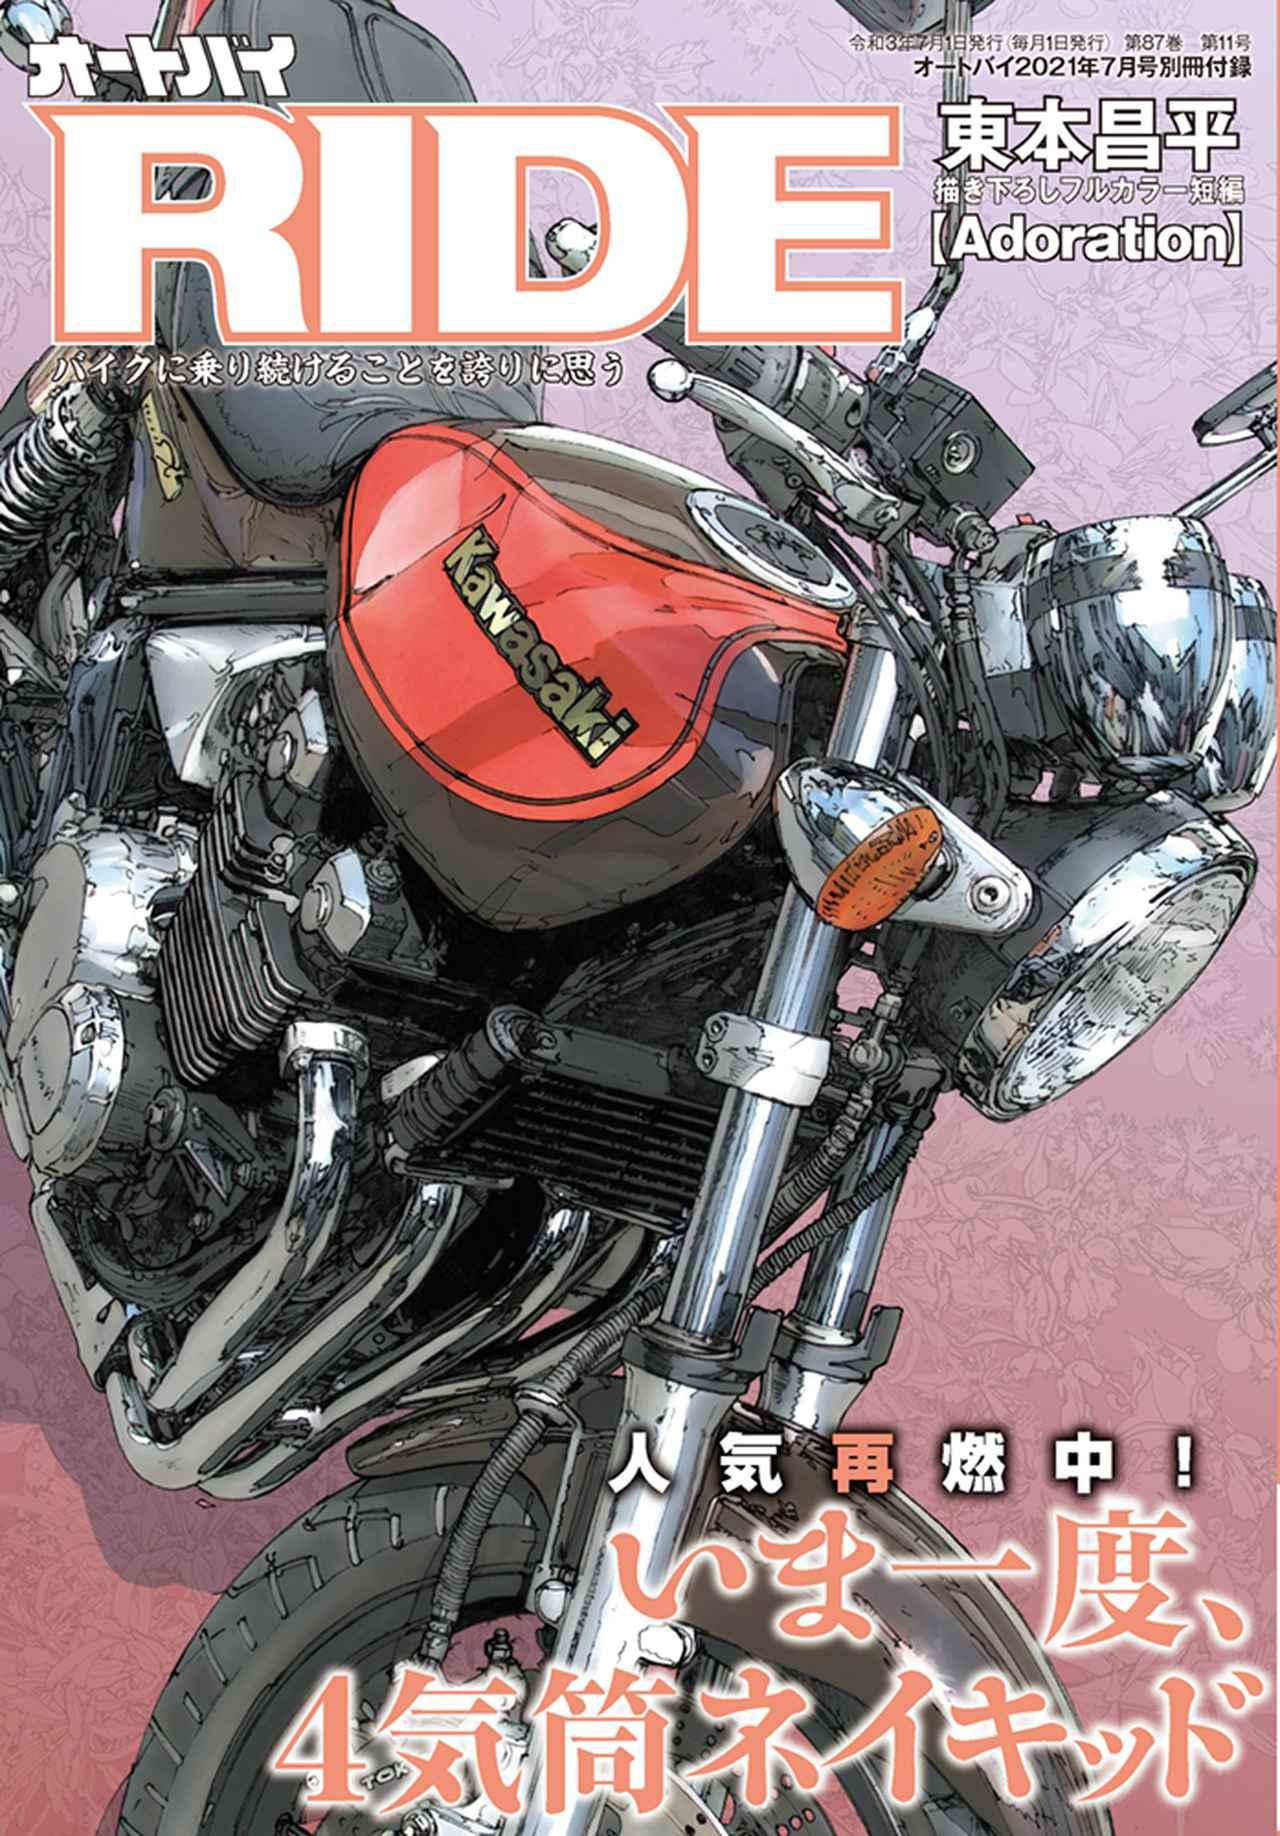 画像3: 「オートバイ」2021年7月号は6月1日発売。